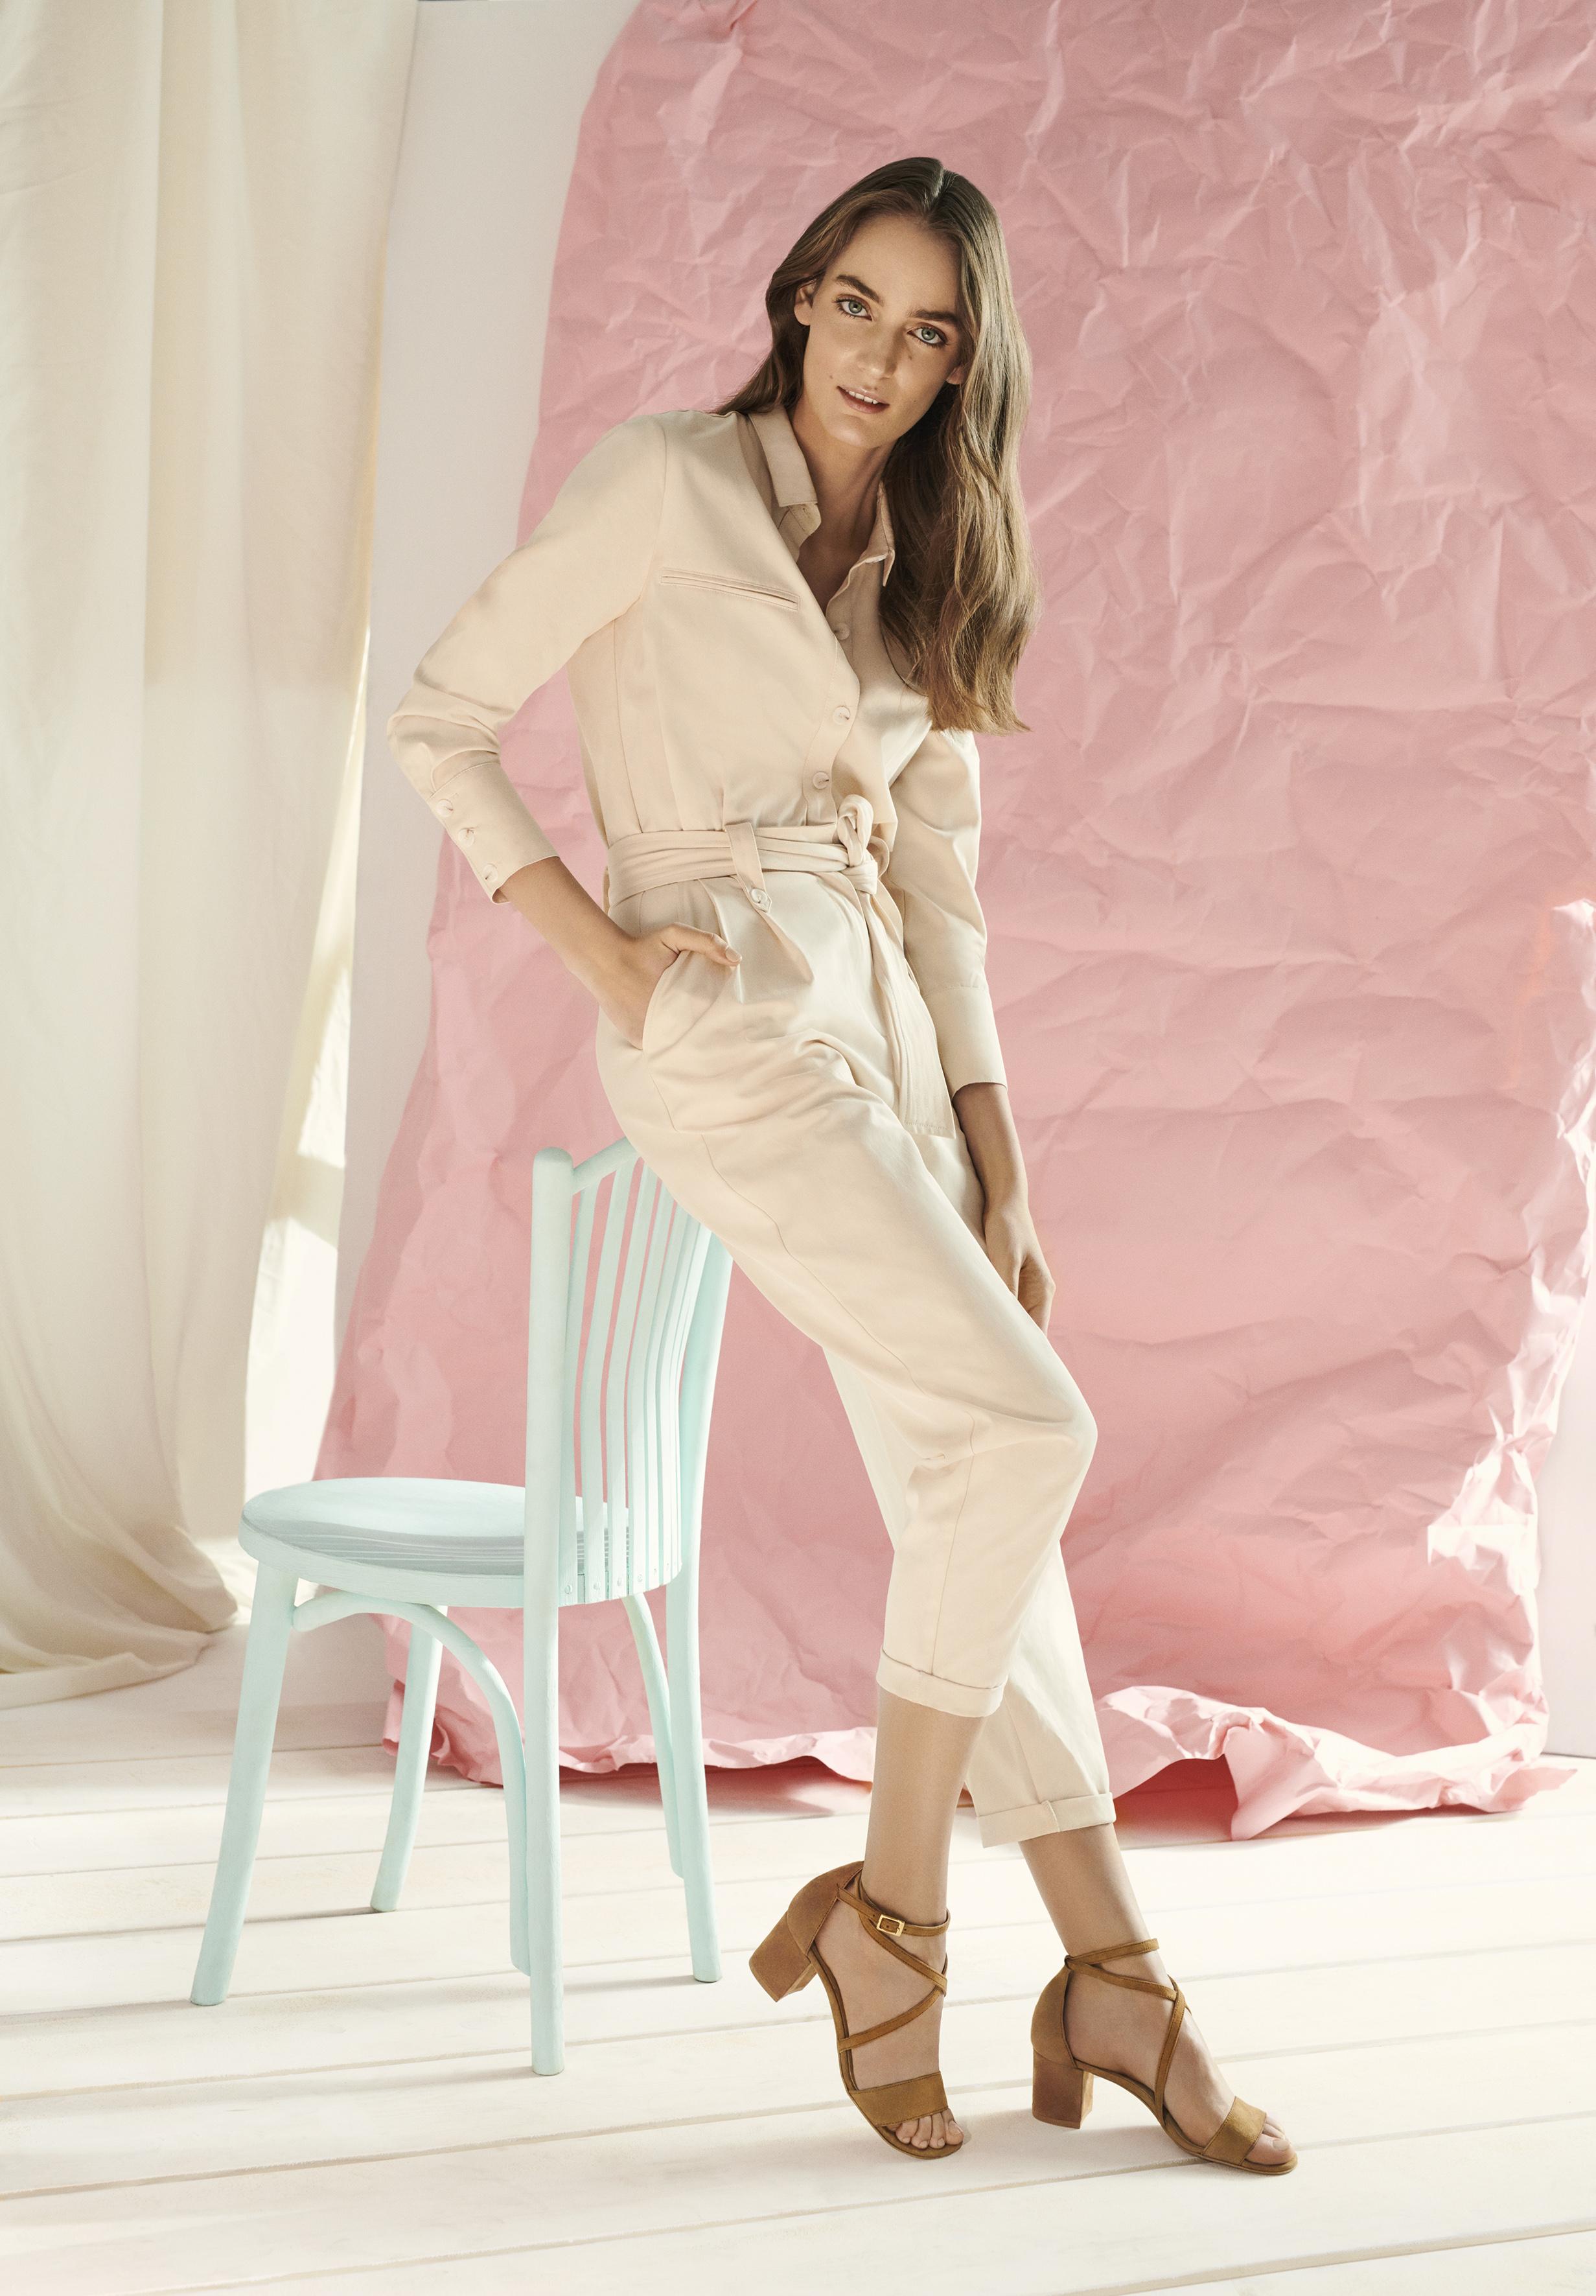 f9773c98eb Kolekcja marki Wojas na sezon wiosna – lato 2019 THE BEST STEP… powstała na  bazie najnowszych światowych trendów w modzie. Swoją premierę w tym sezonie  w ...